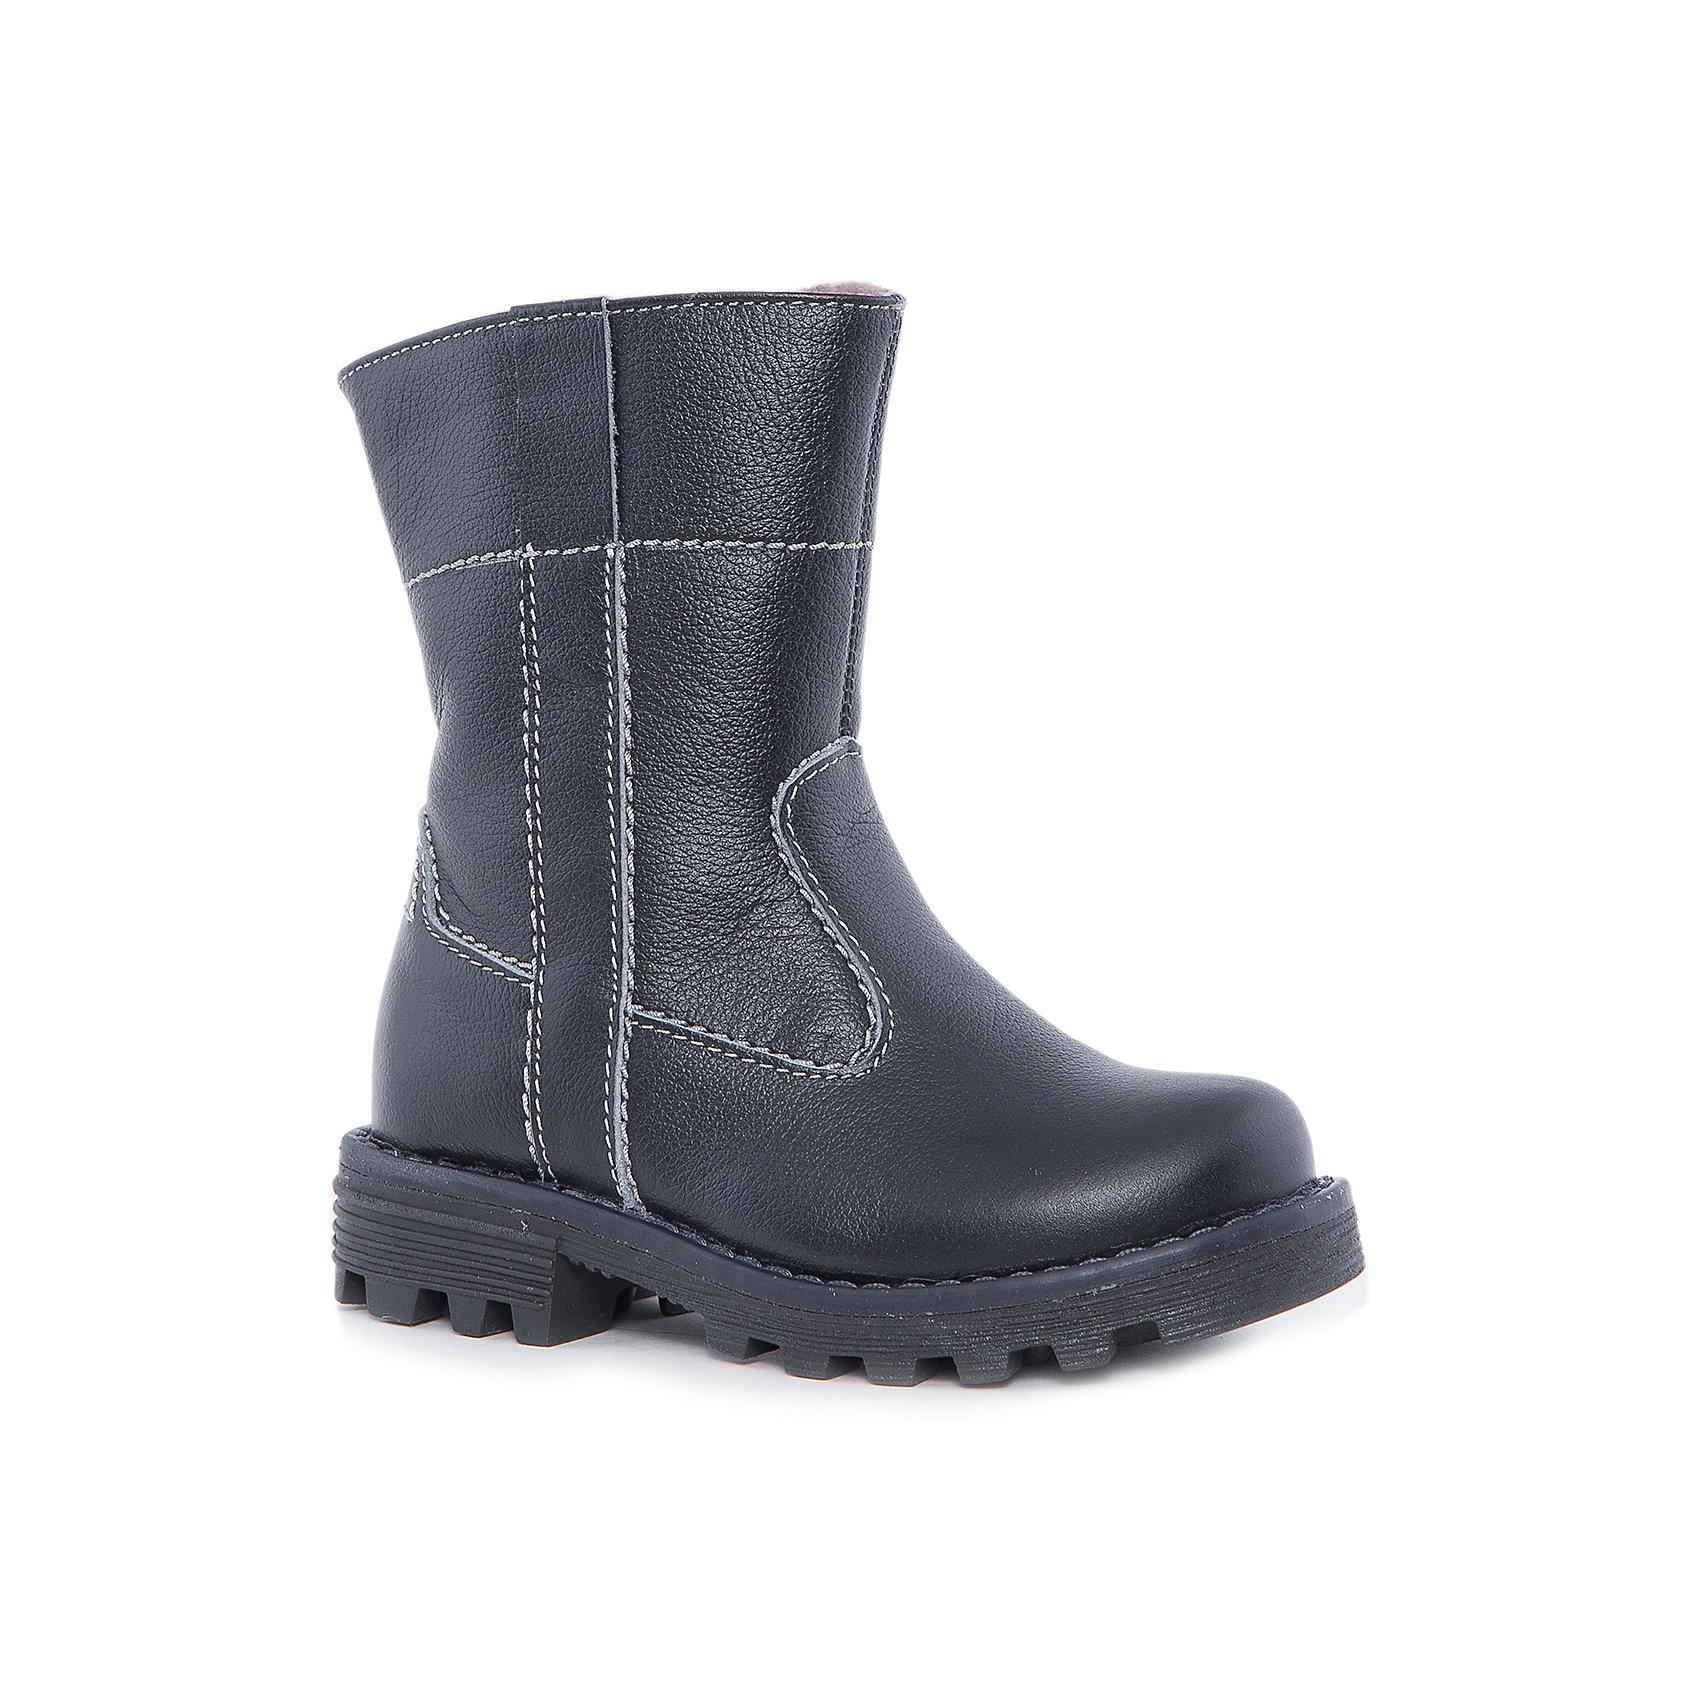 Сапоги для мальчика КотофейКотофей – качественная и стильная детская обувь по доступным ценам. С каждым днем популярность бренда растет.  Сапожки – универсальная обувь для холодов, как для мальчиков, так и для девочек. Новая модель – сочетание проверенной классики и модных тенденций. Минимализм – стильное решение для сапог юного модника. Натуральные материалы отвечают всем требованиям по безопасности.<br><br>Дополнительная информация:<br><br>цвет: синий;<br>вид крепления: на клею;<br>застежка: молния;температурный режим: от -15 °С до +5° С.<br><br>Состав:<br>материал верха – кожа;<br>материал подклада – натуральная овчина;<br>подошва – ТЭП.<br><br>Зимние сапожки из натуральной кожи для мальчика дошкольного возраста от фирмы Котофей можно купить в нашем магазине.<br><br>Ширина мм: 257<br>Глубина мм: 180<br>Высота мм: 130<br>Вес г: 420<br>Цвет: синий<br>Возраст от месяцев: 48<br>Возраст до месяцев: 60<br>Пол: Мужской<br>Возраст: Детский<br>Размер: 28,29,30,31,27<br>SKU: 4982178